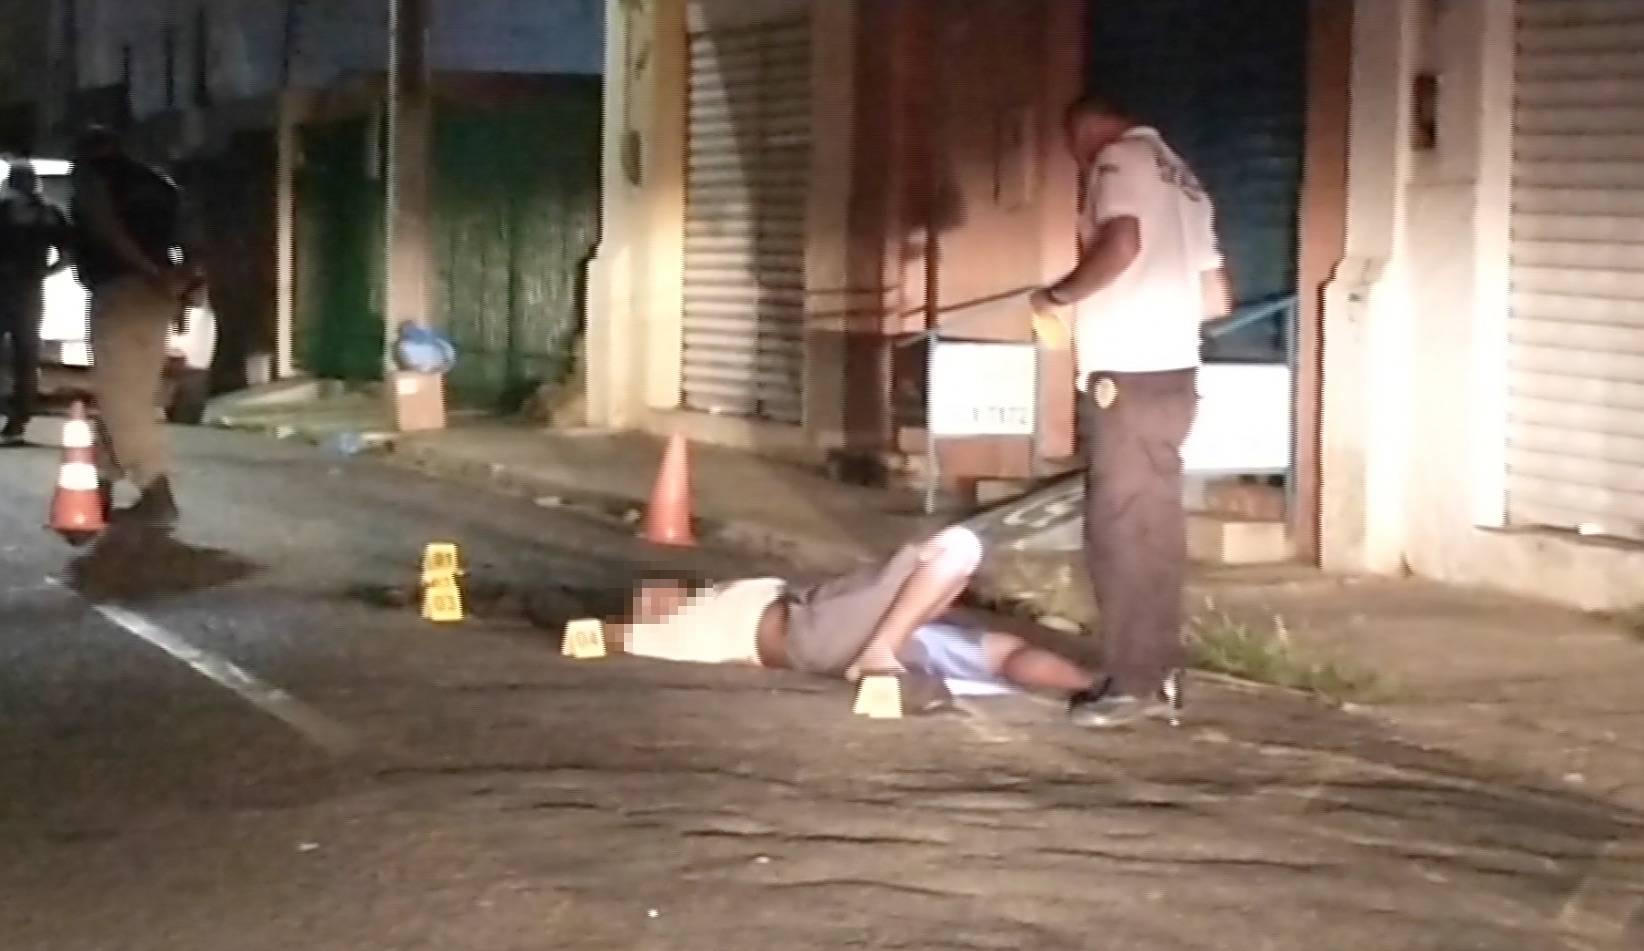 Morador de rua apresentou seis lesões de arma branca pelo corpo - Foto: Reprodução/Bom Dia MN